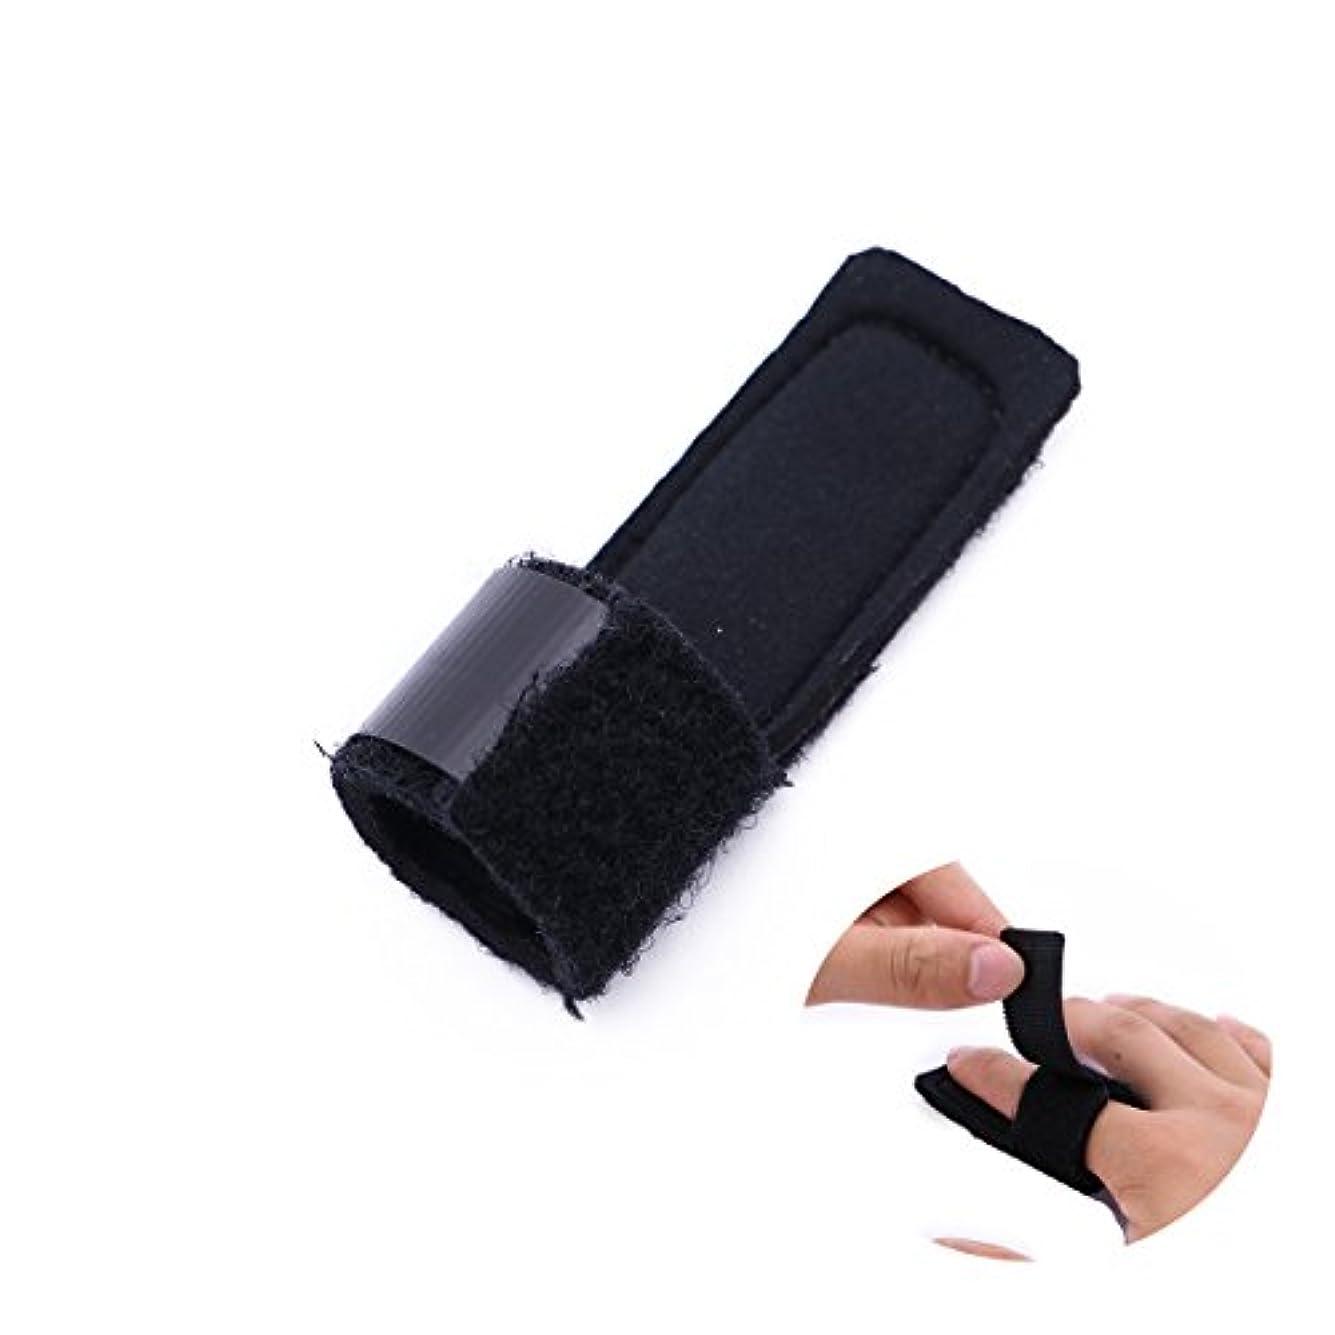 クラウン制約滑り台SUPVOX 指の添え木マレット指の支柱の引き金のための骨折の接合箇所の添え木プロテクター